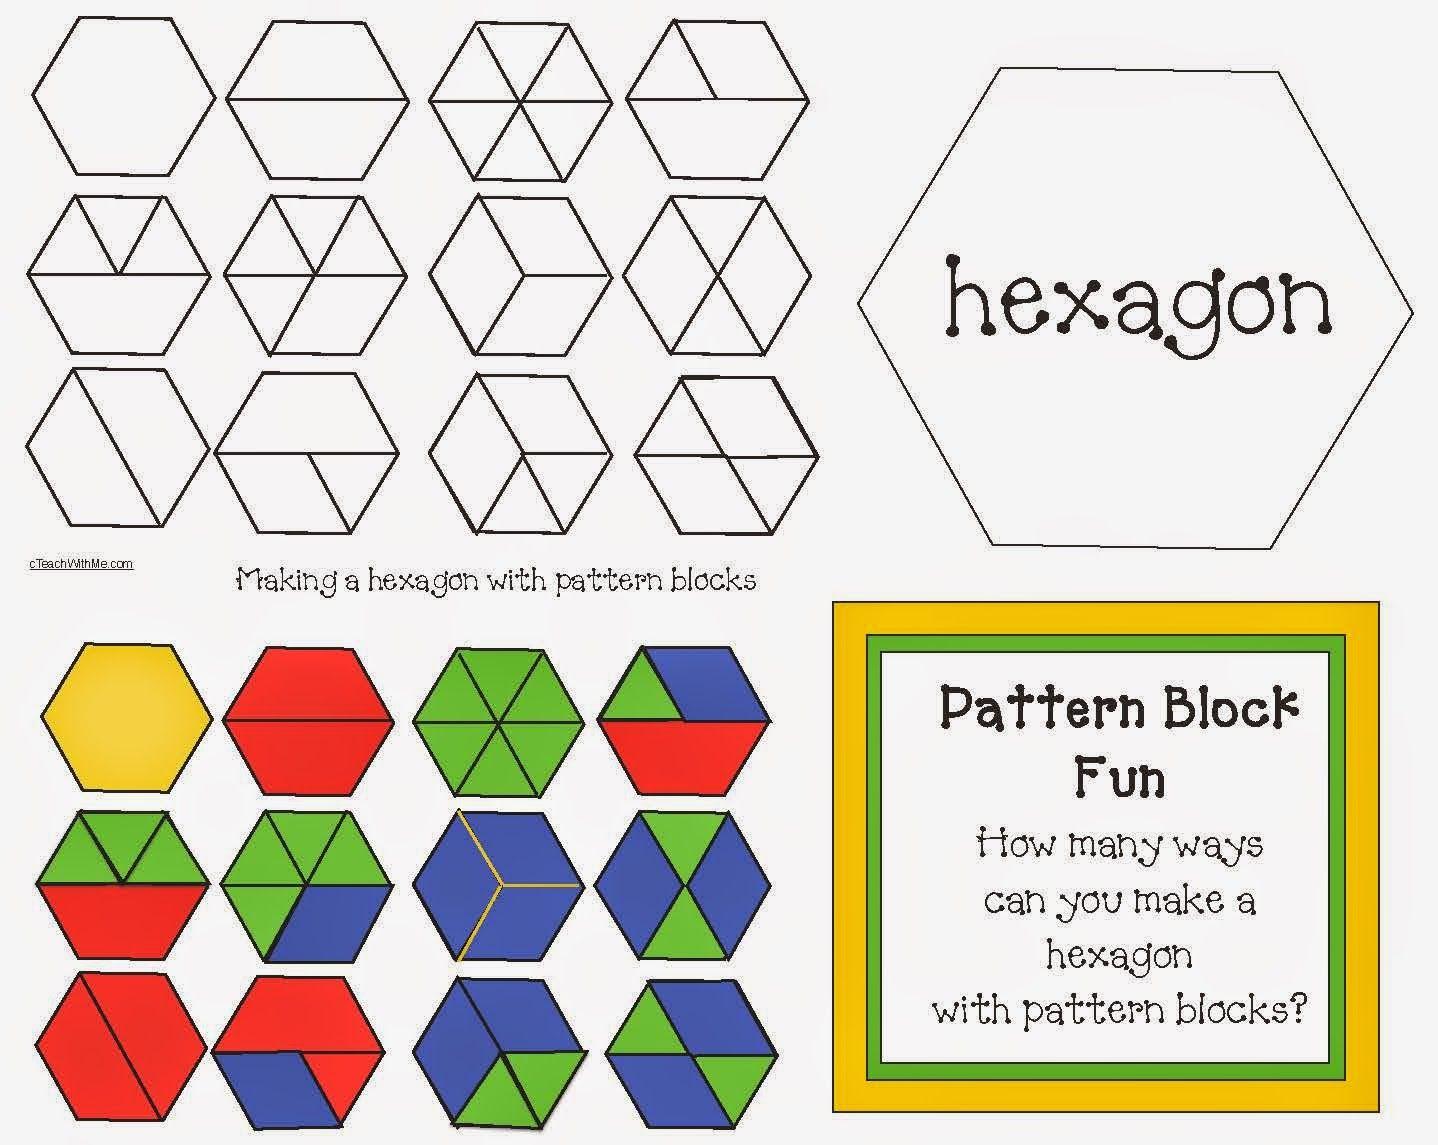 Hexagon Pattern Block Game